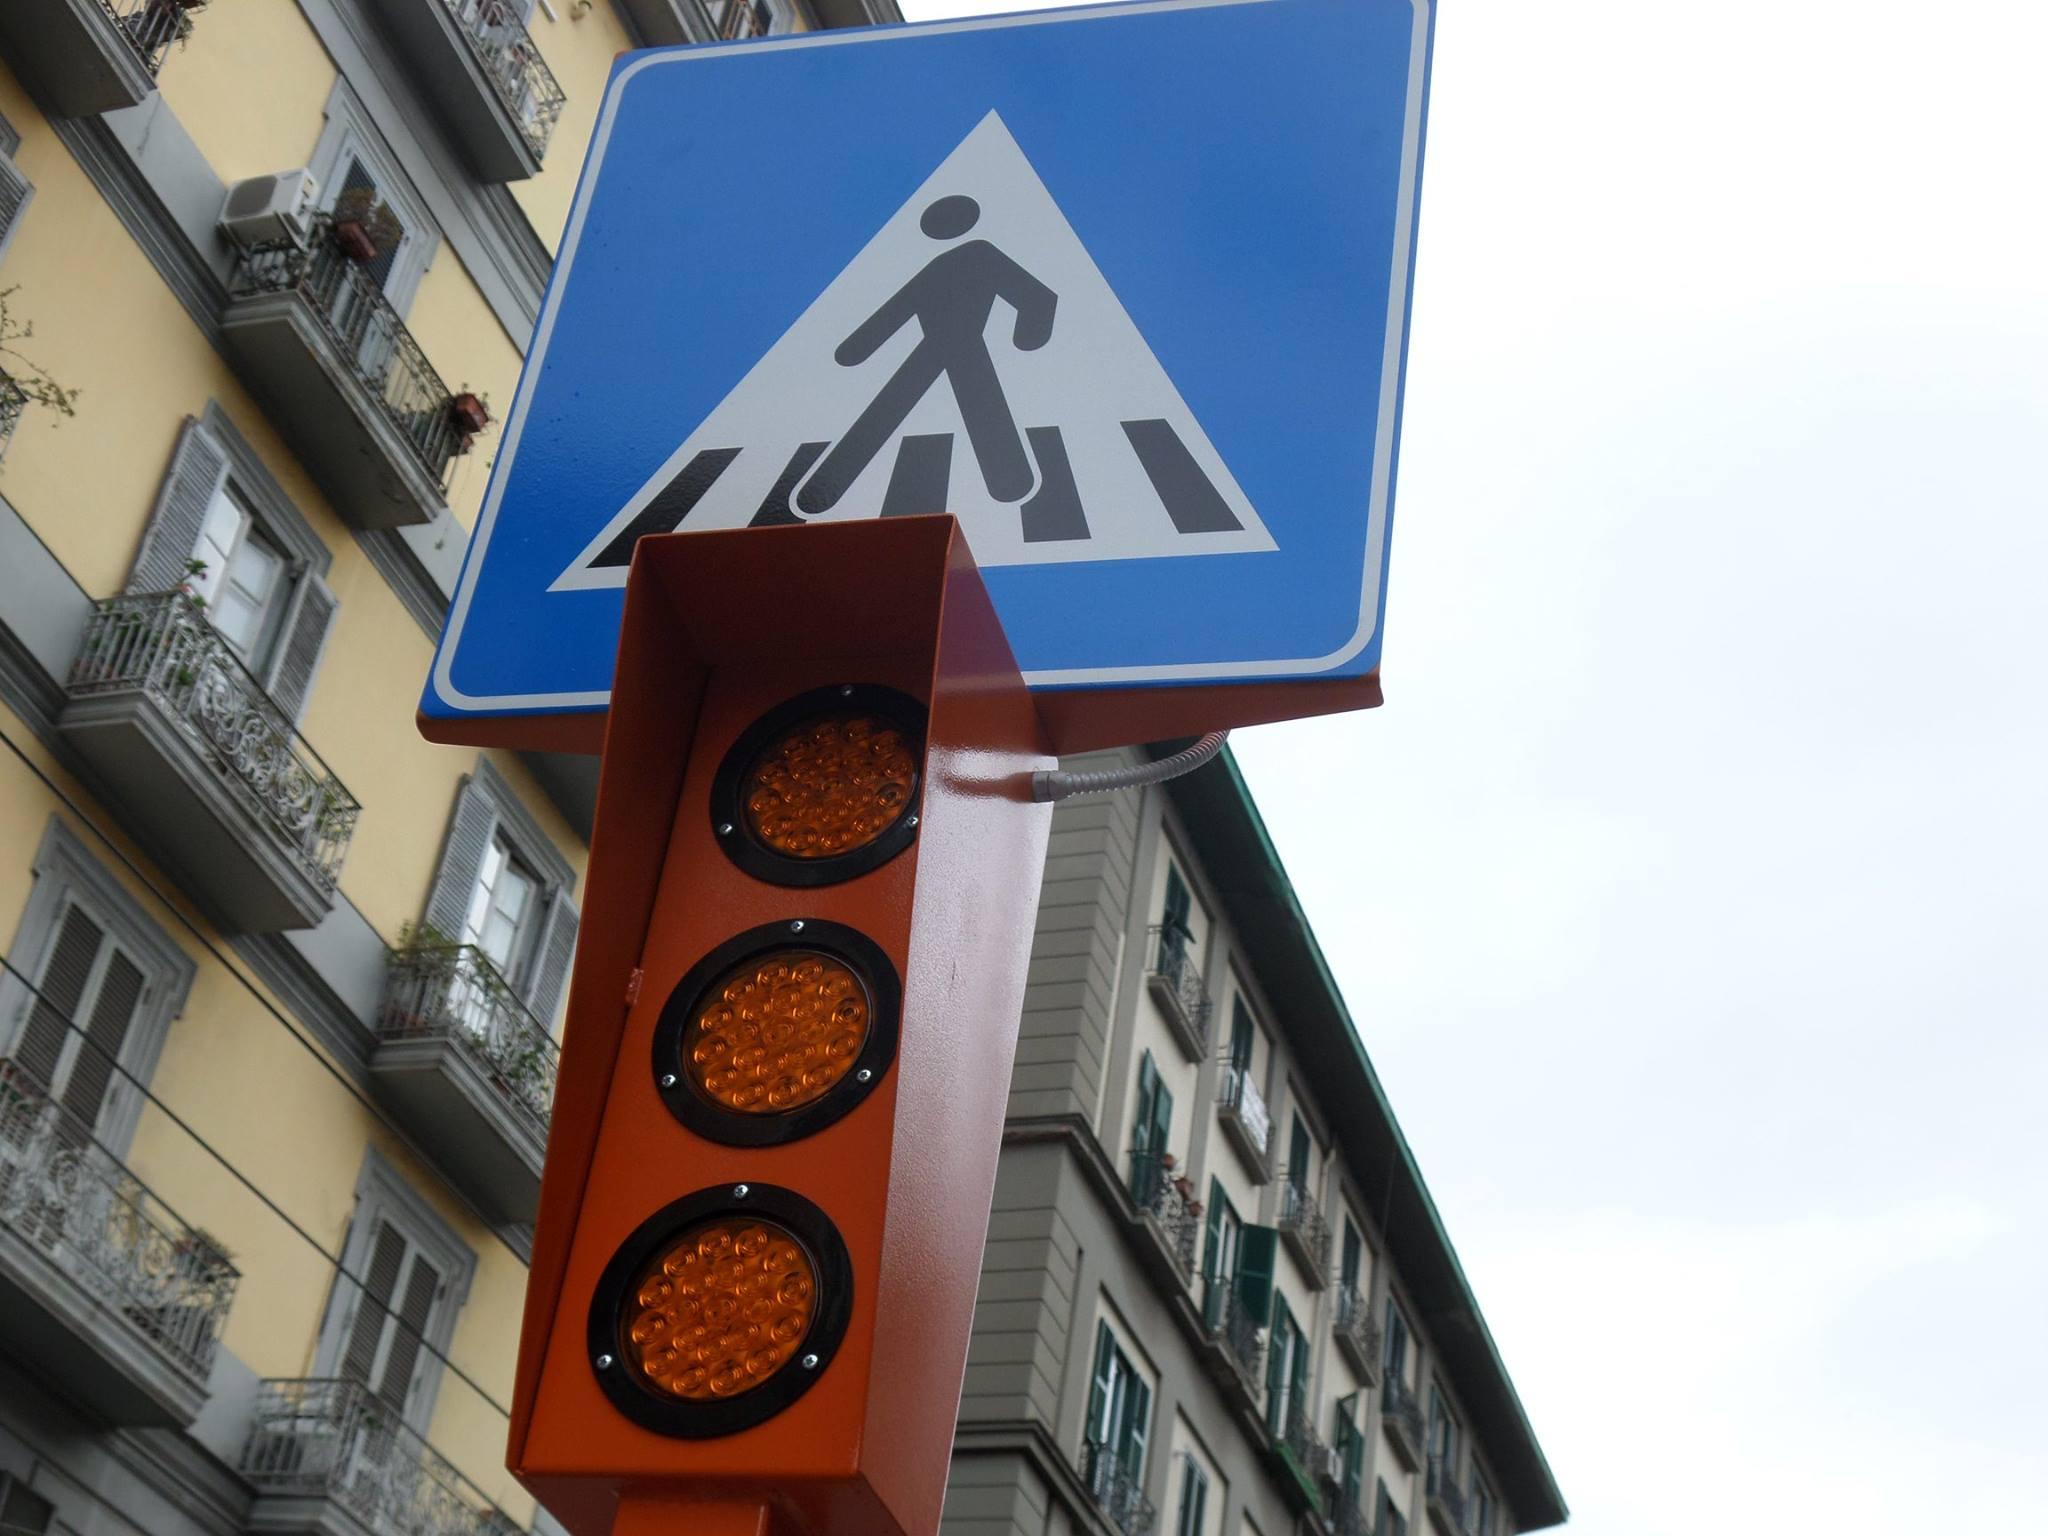 Pedone Sicuro: arriva a Napoli un prototipo per la sicurezza dei pedoni (FOTO)